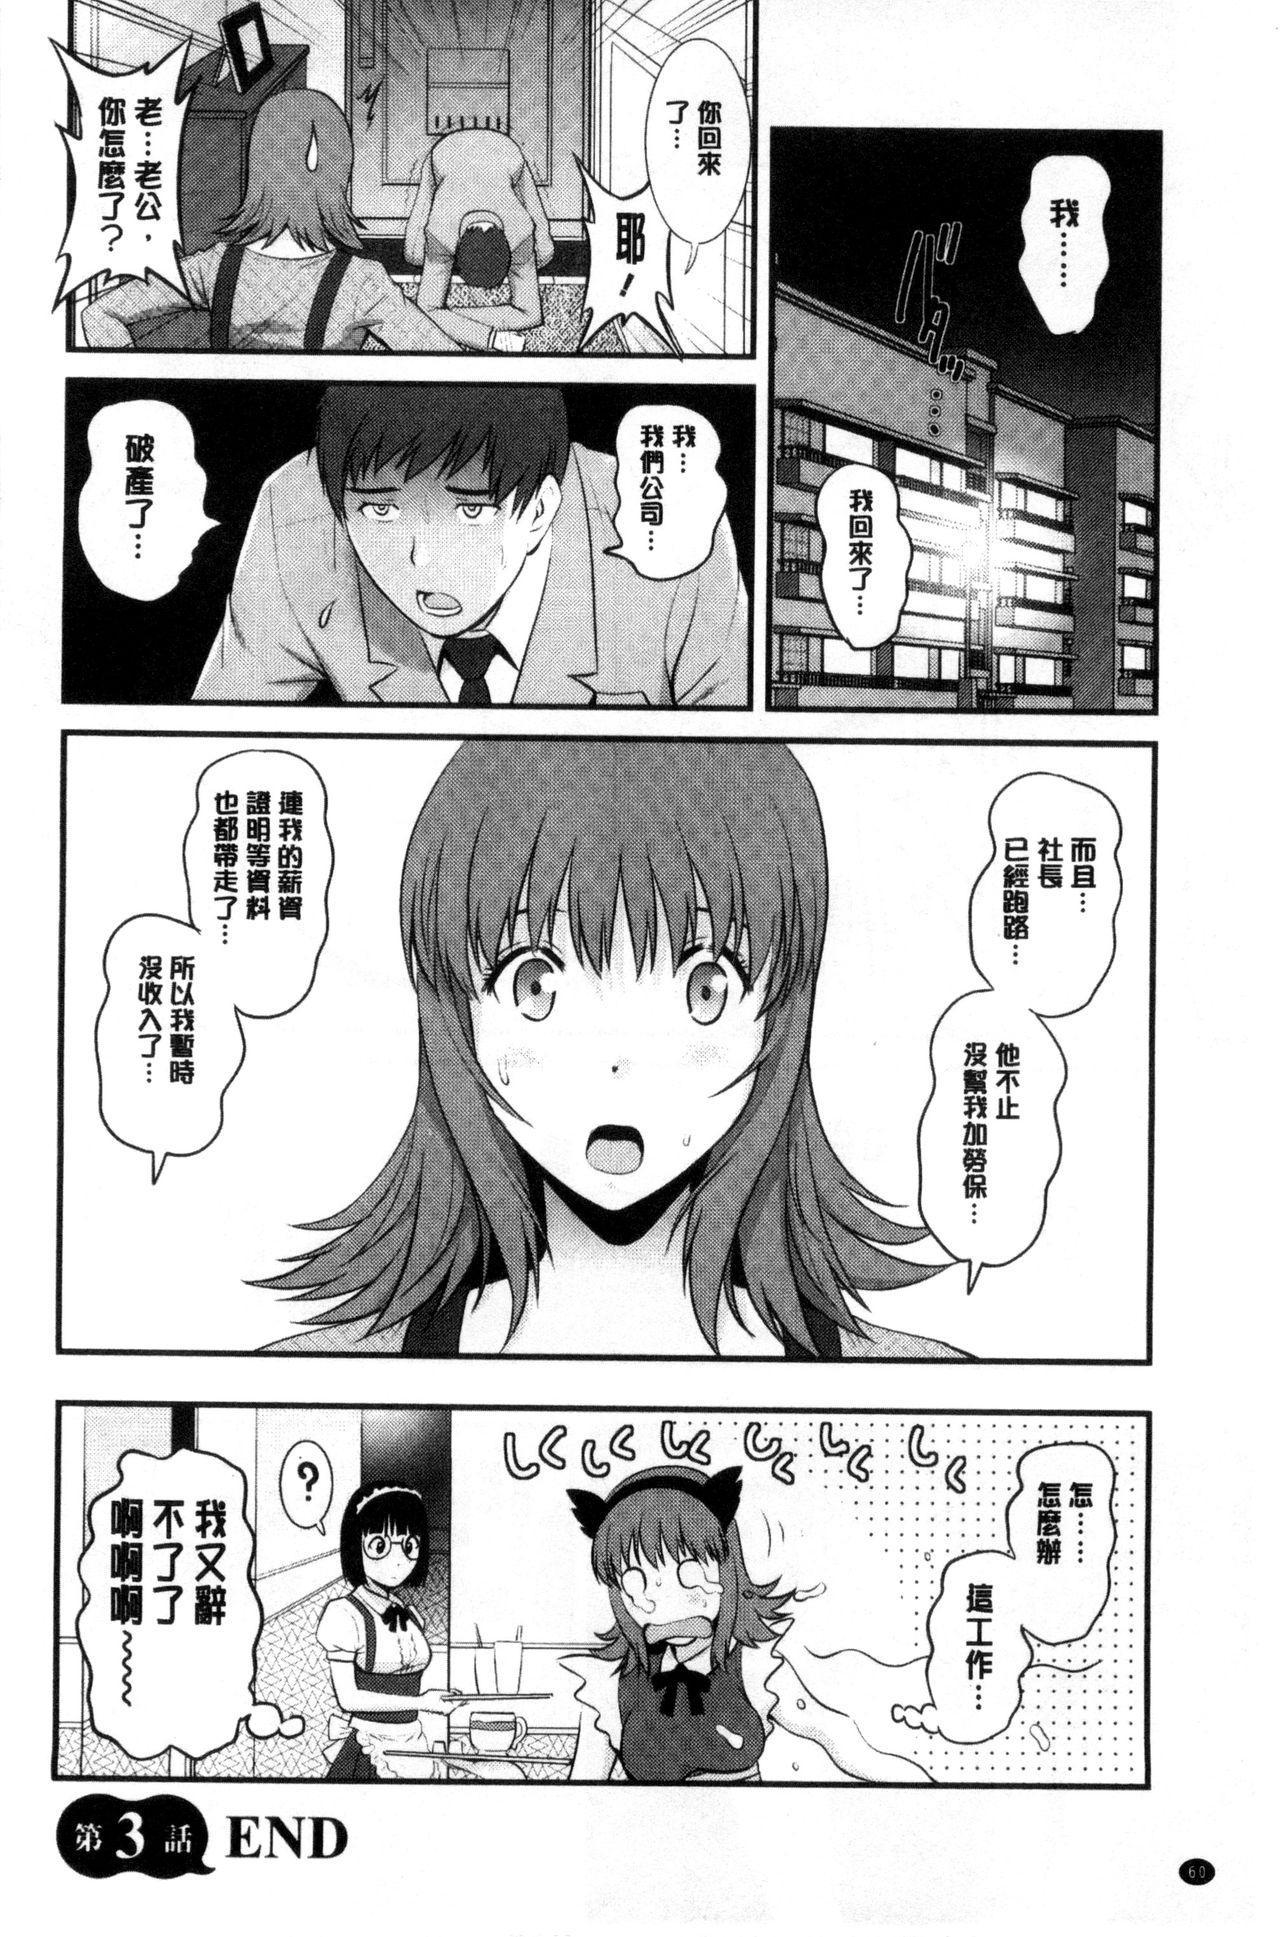 [Saigado] Part Time Manaka-san Wakazuma Enjokousai-ki | 兼職打工的愛花小姐 [Chinese] 60